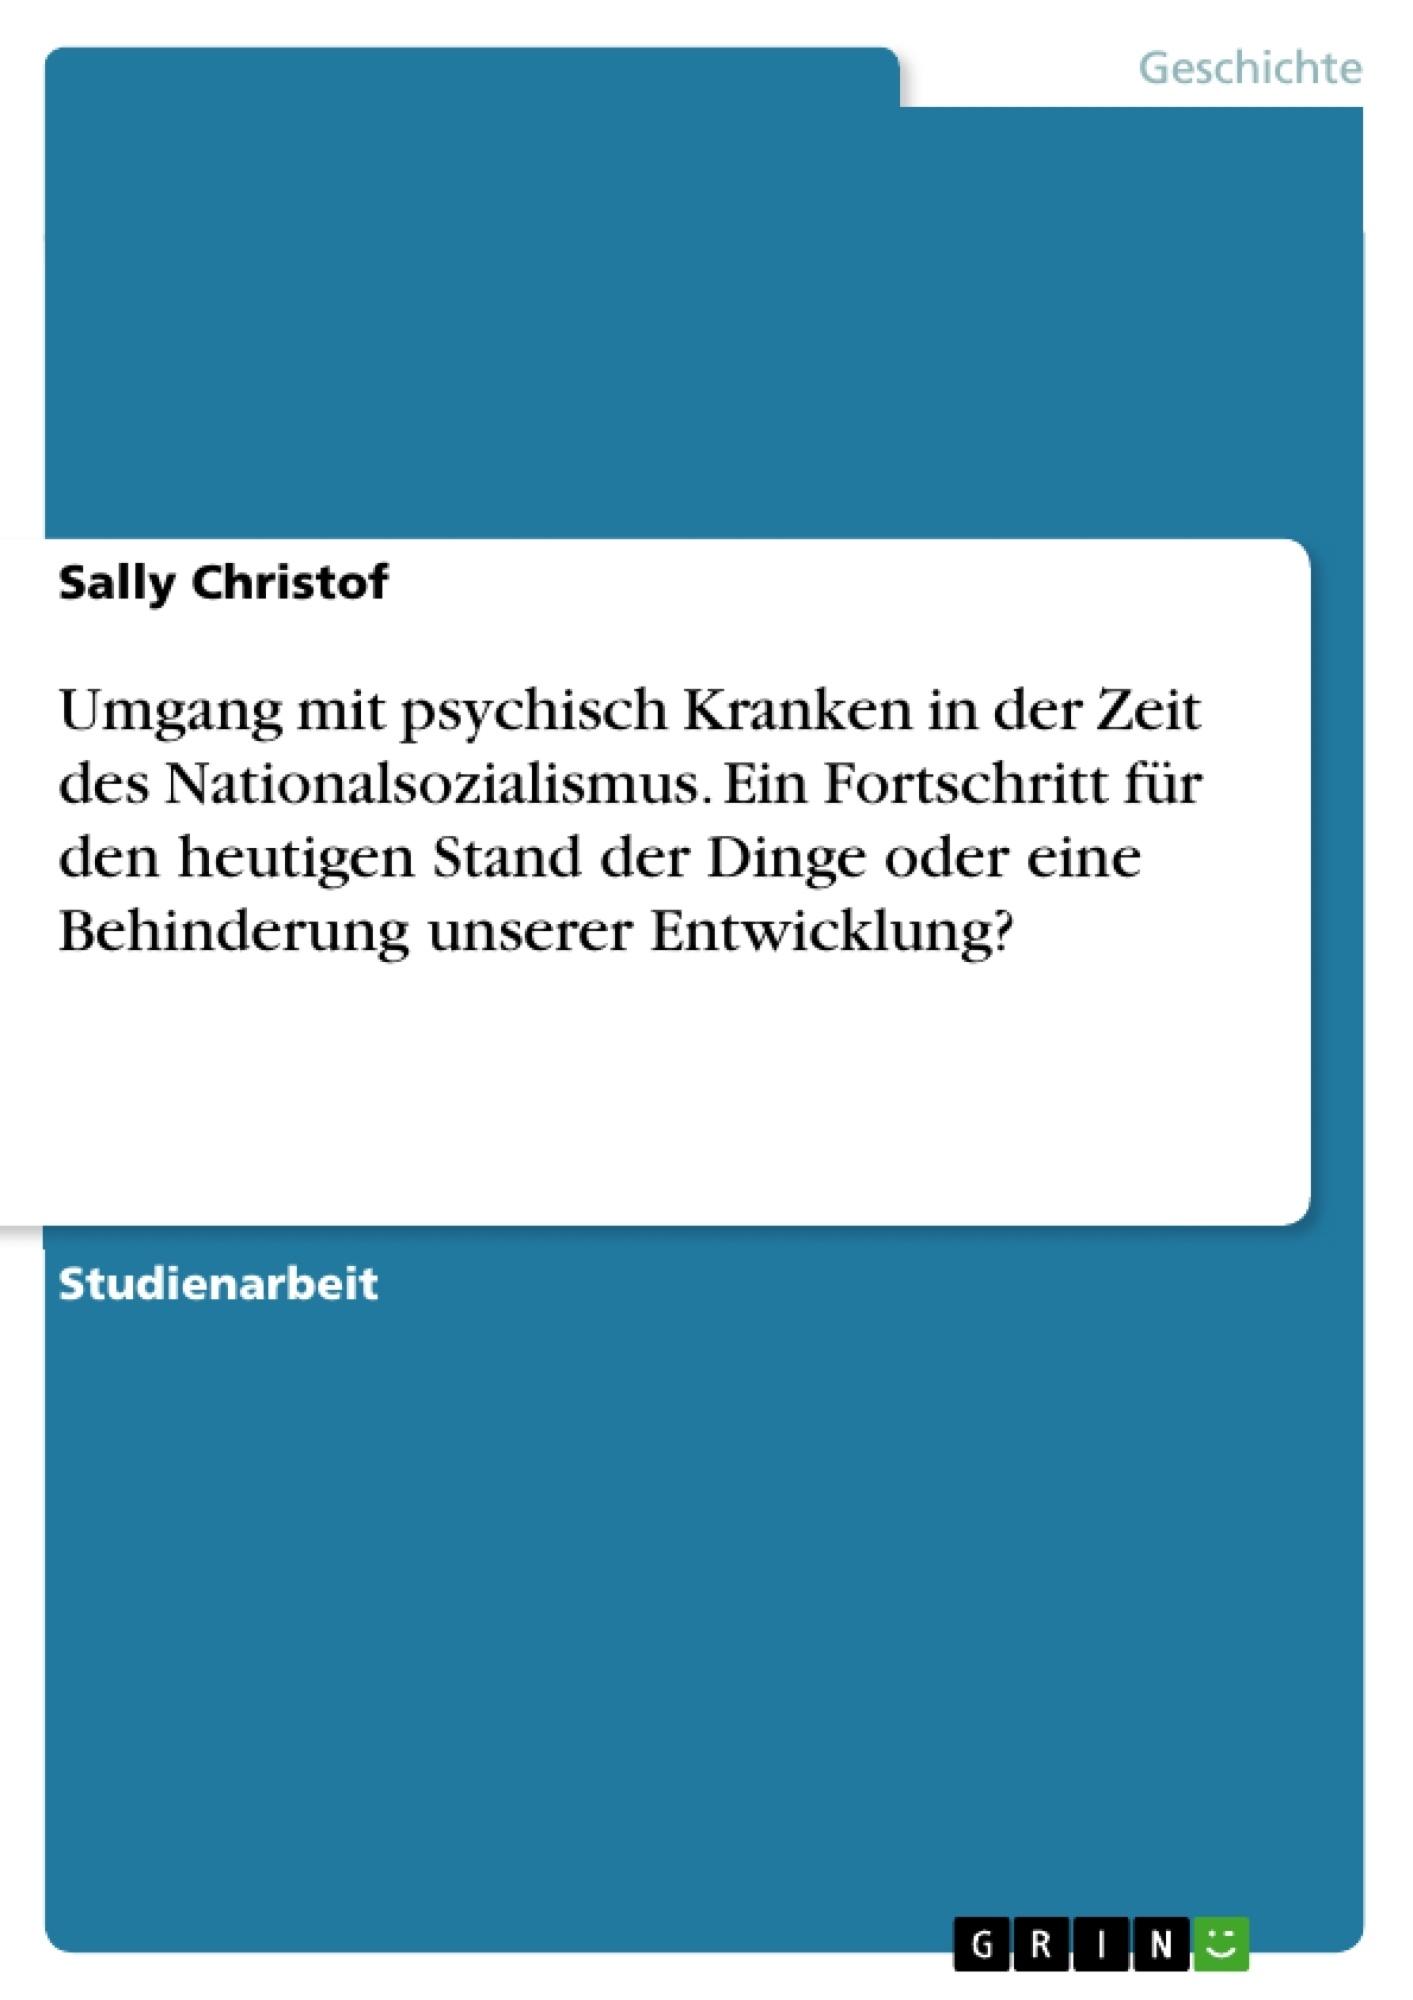 Titel: Umgang mit psychisch Kranken in der Zeit des Nationalsozialismus. Ein Fortschritt für den heutigen Stand der Dinge oder eine Behinderung unserer Entwicklung?